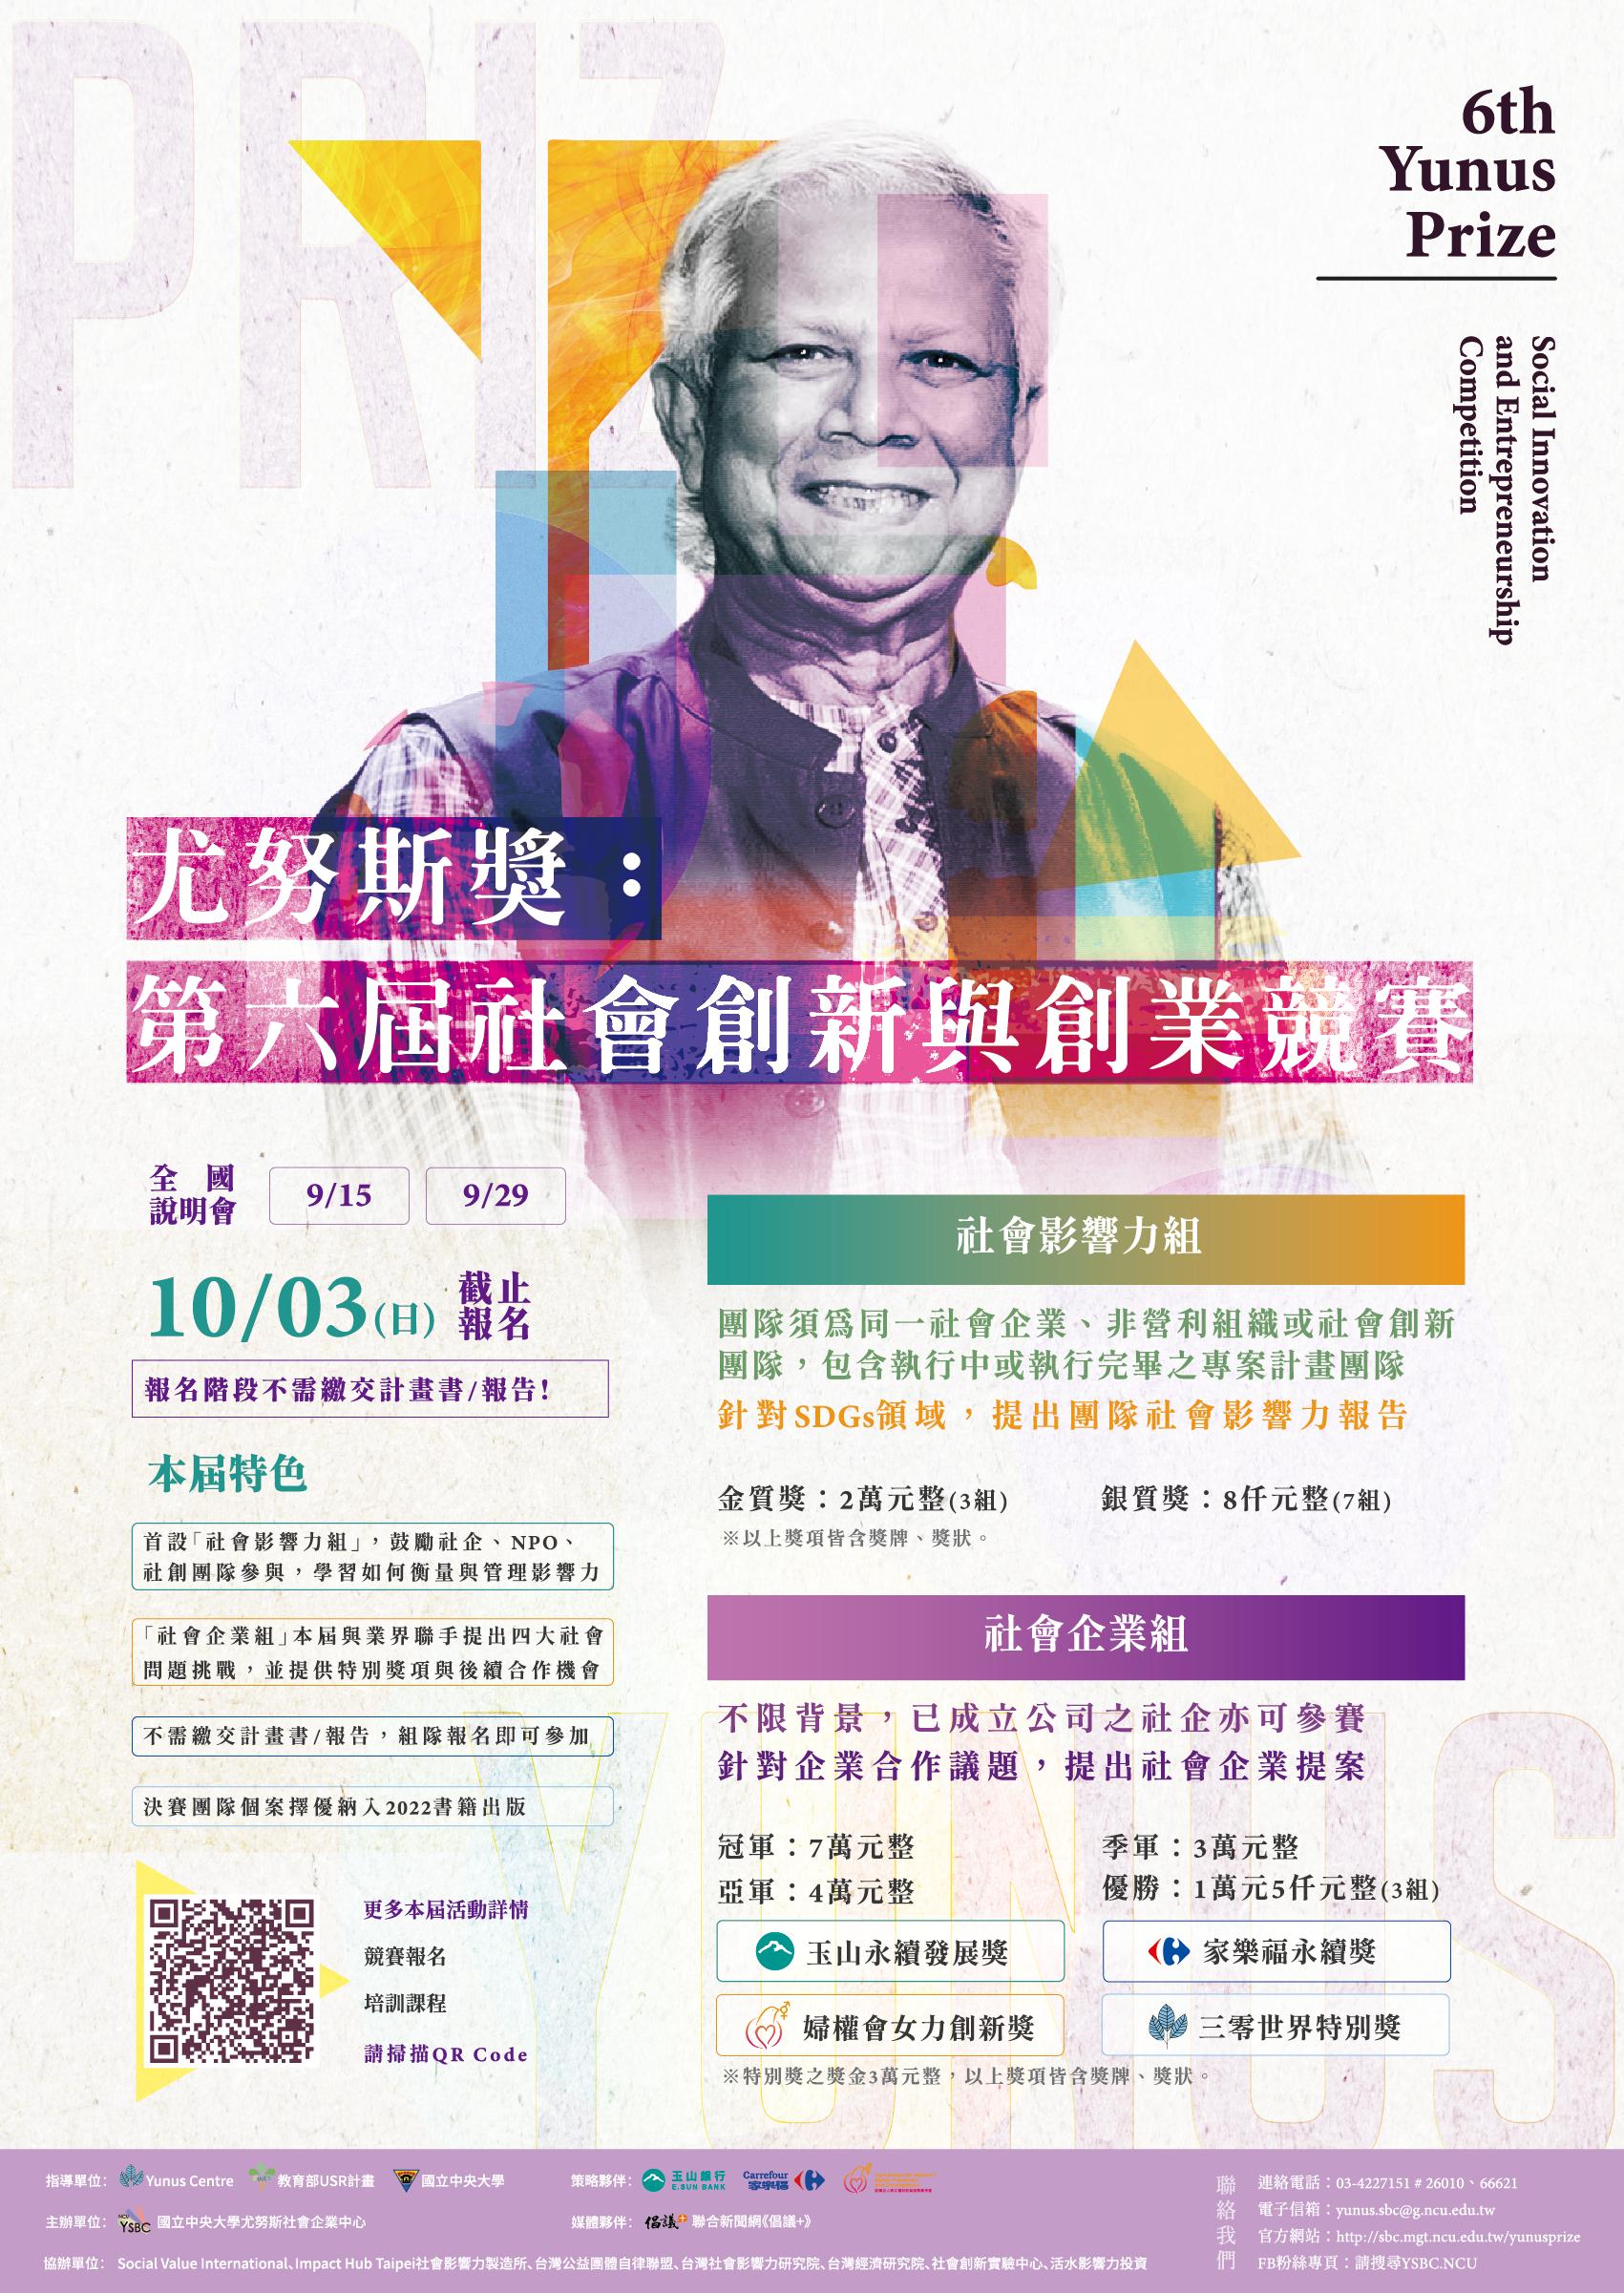 2021尤努斯獎-Yunus Prize-第六屆社會創新與創業競賽